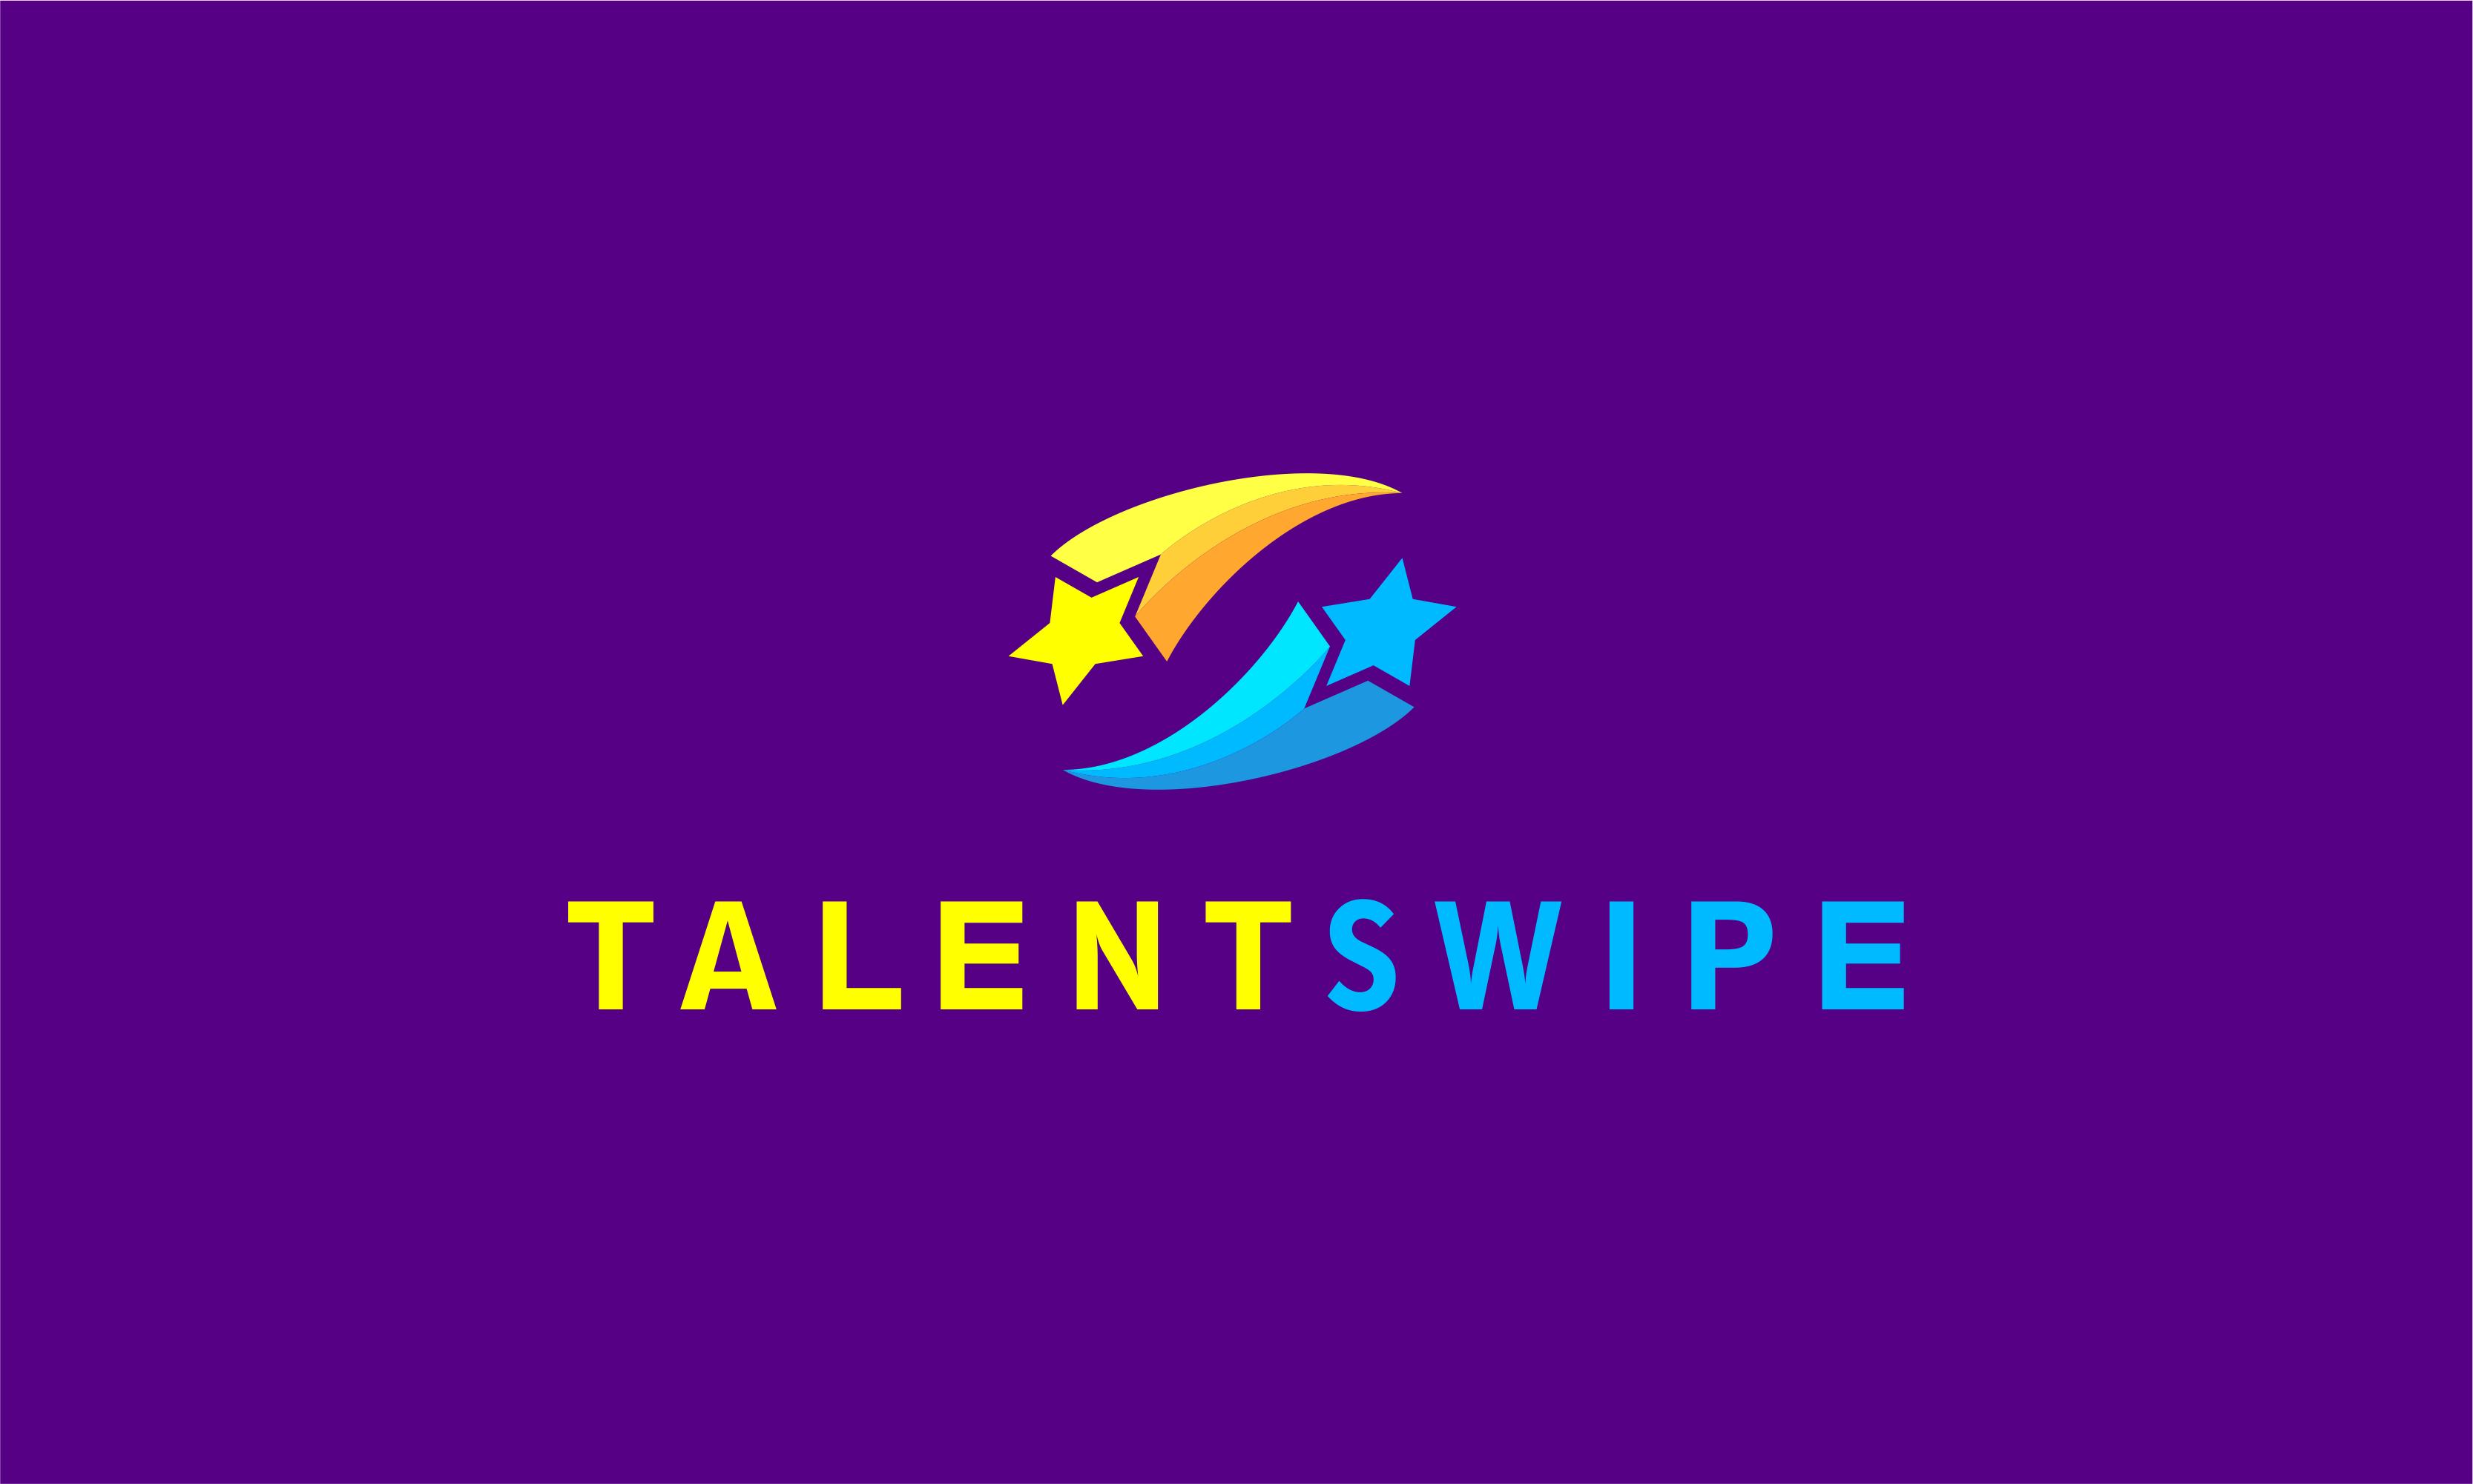 Talentswipe